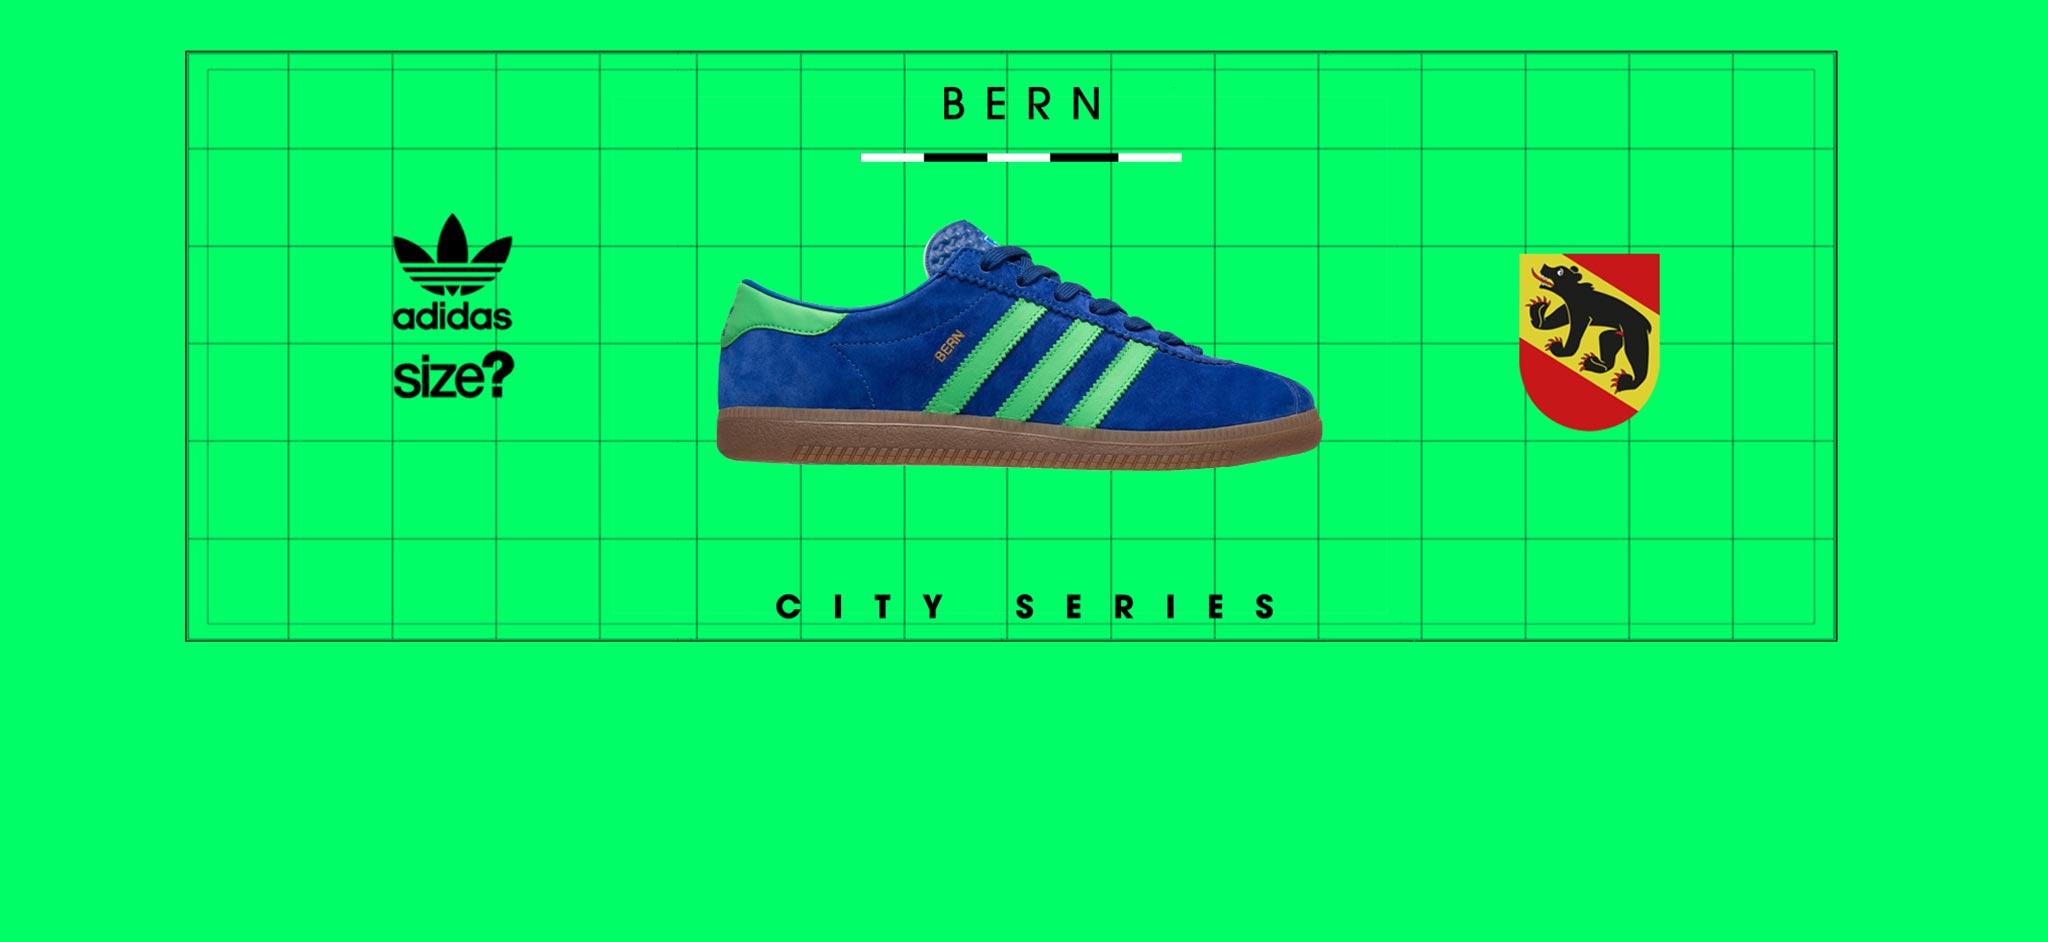 official photos 2a49b 359a2 adidas Originals Bern  City Series